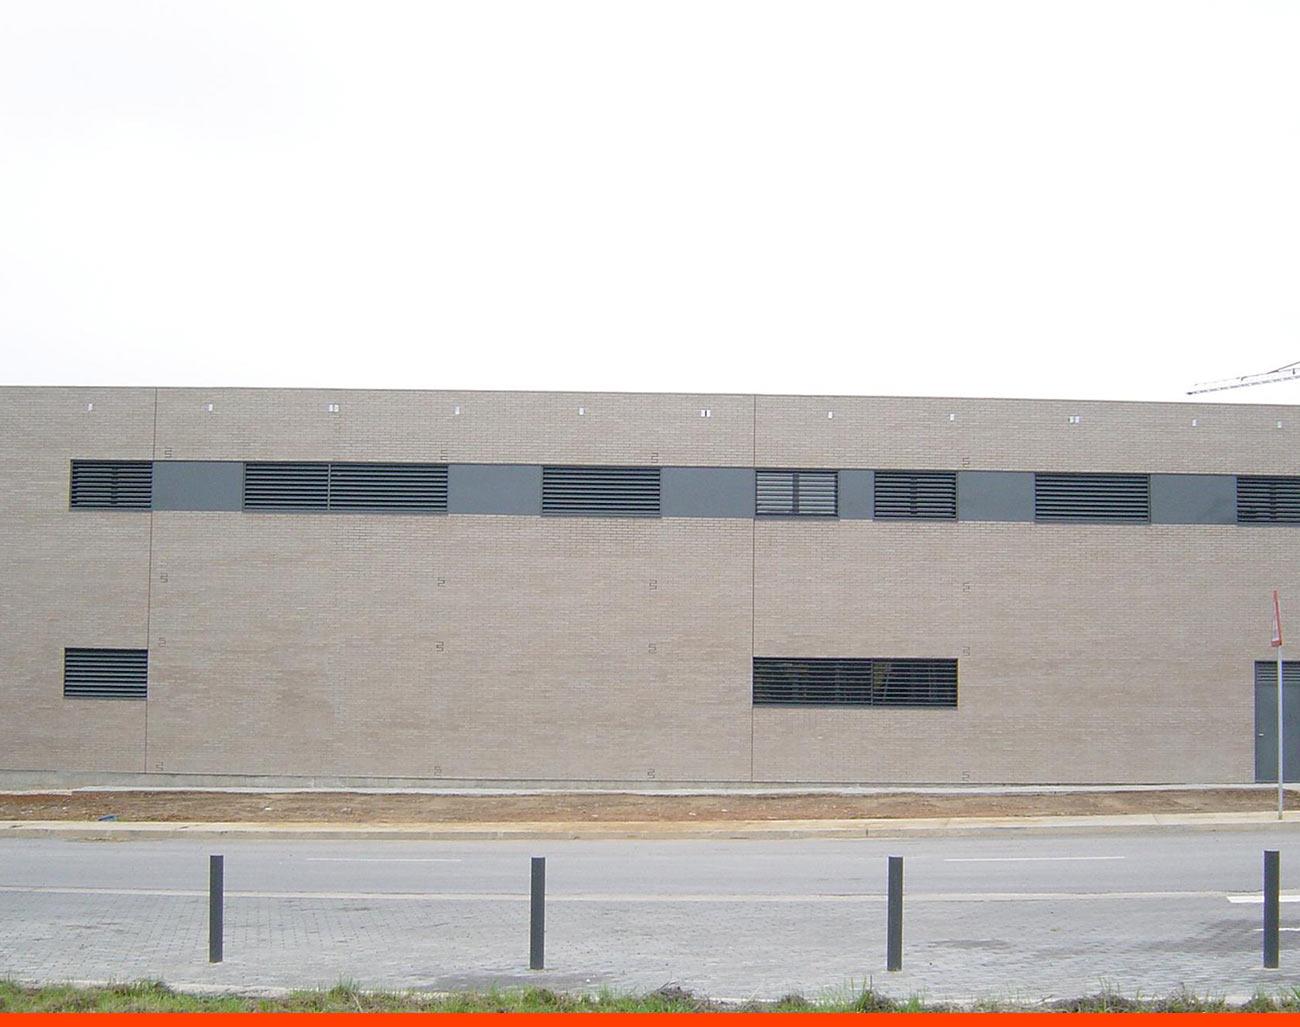 Instituto de Investigación en El Bierzo (León)